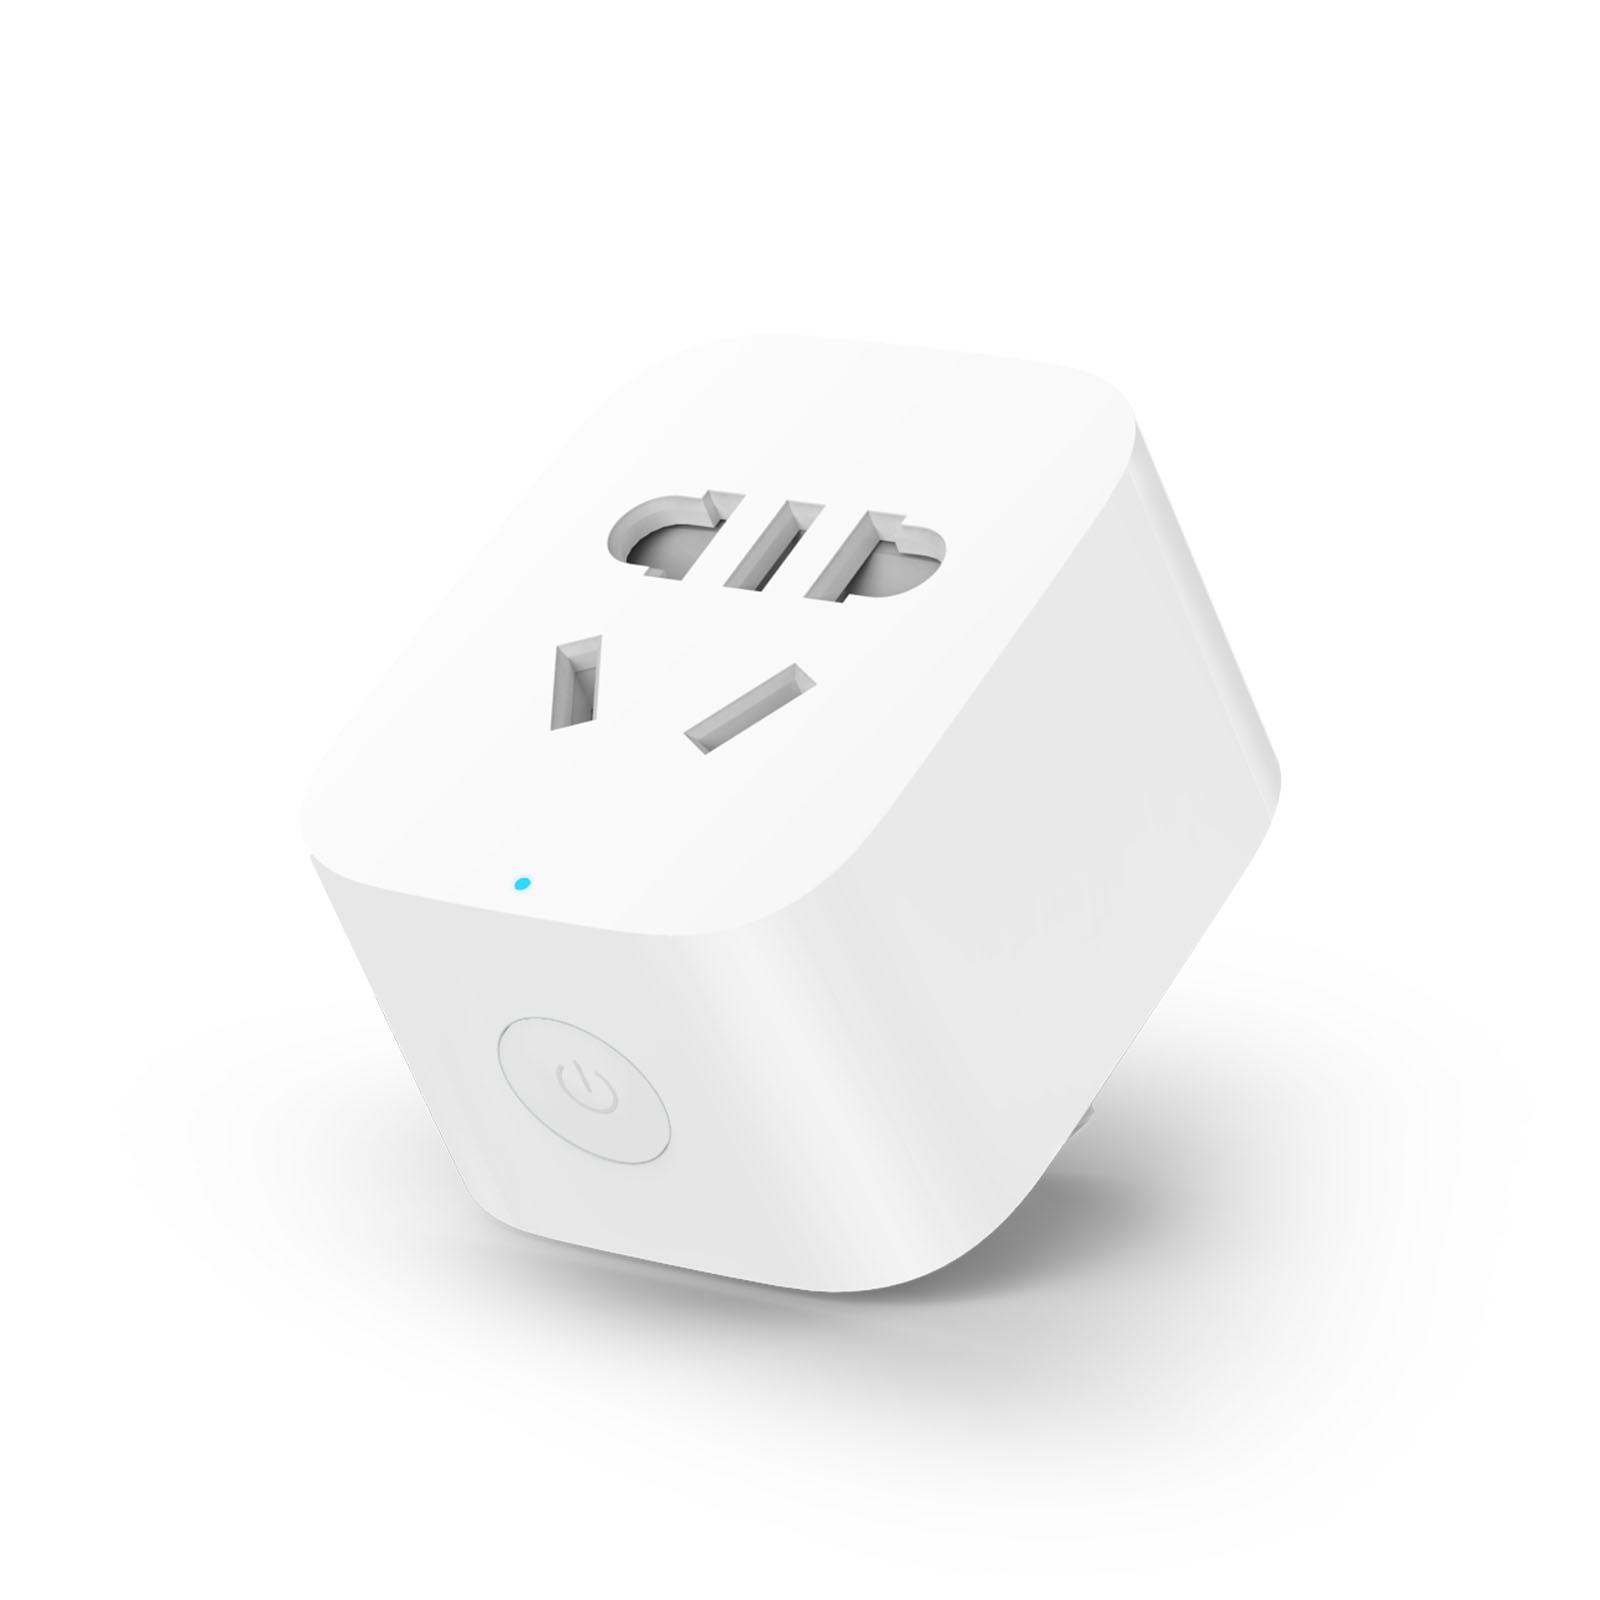 Mi Smart Socket - WiFi változat (CN verzió) - okos konnektor, fehér